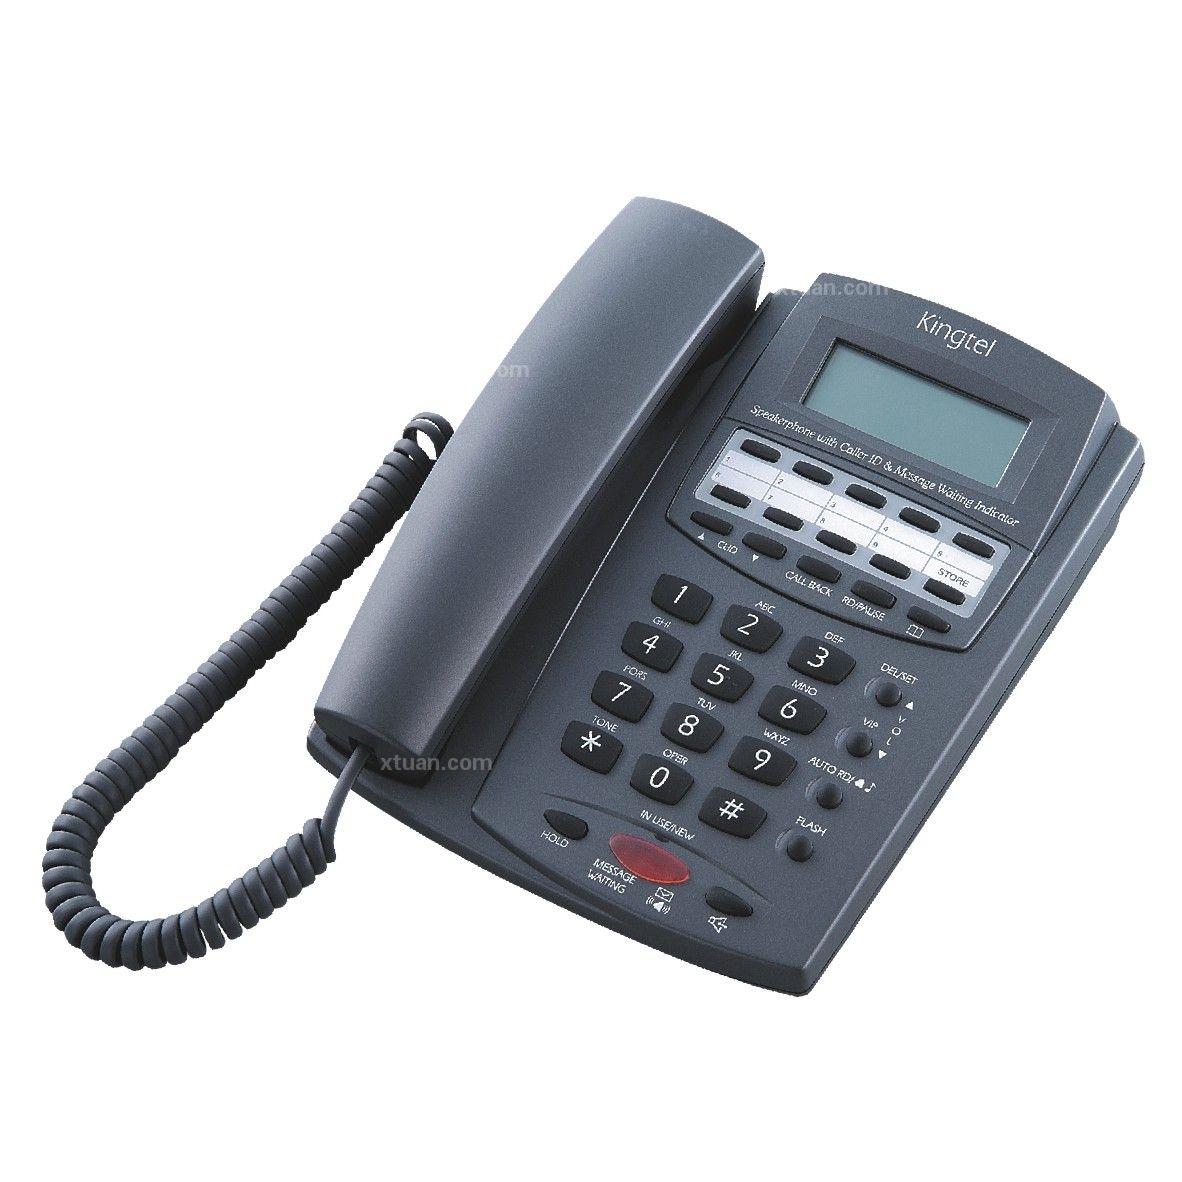 众所周知,电话机是爱迪生通过多次试验才研发成功的,过去的电话机都是手摇型电话机,虽然使用起来非常不方便,但还是解决了很大的通信问题和推动了科技的发展,我们可以通过电话机随时进行通话,到了现代这个科技如此发达的时代,电话机更是方便了大家的生活。那么今天我们就一起来了解电话机的工作原理,电话机的使用环境,让我们常使用的电话机做一个更深的了解。  一、电话机的工作原理   电话通信是通过声能与电能相互转换、并利用电这个媒介来传输语言的一种通信技术。两个用户要进行通信,最简单的形式就是将两部电话机用一对线路连接